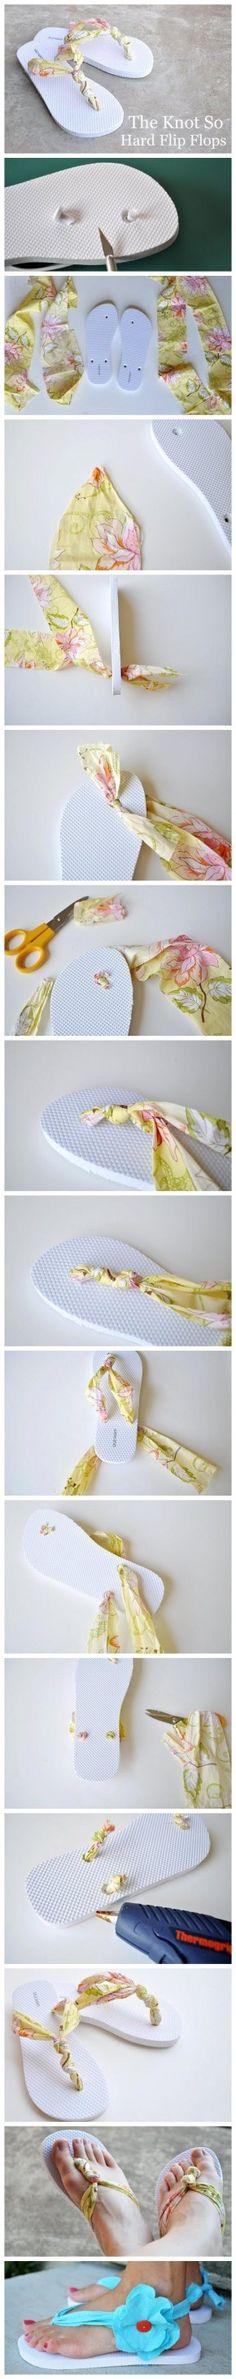 maak je slippers zo als jij ze leuk vind..